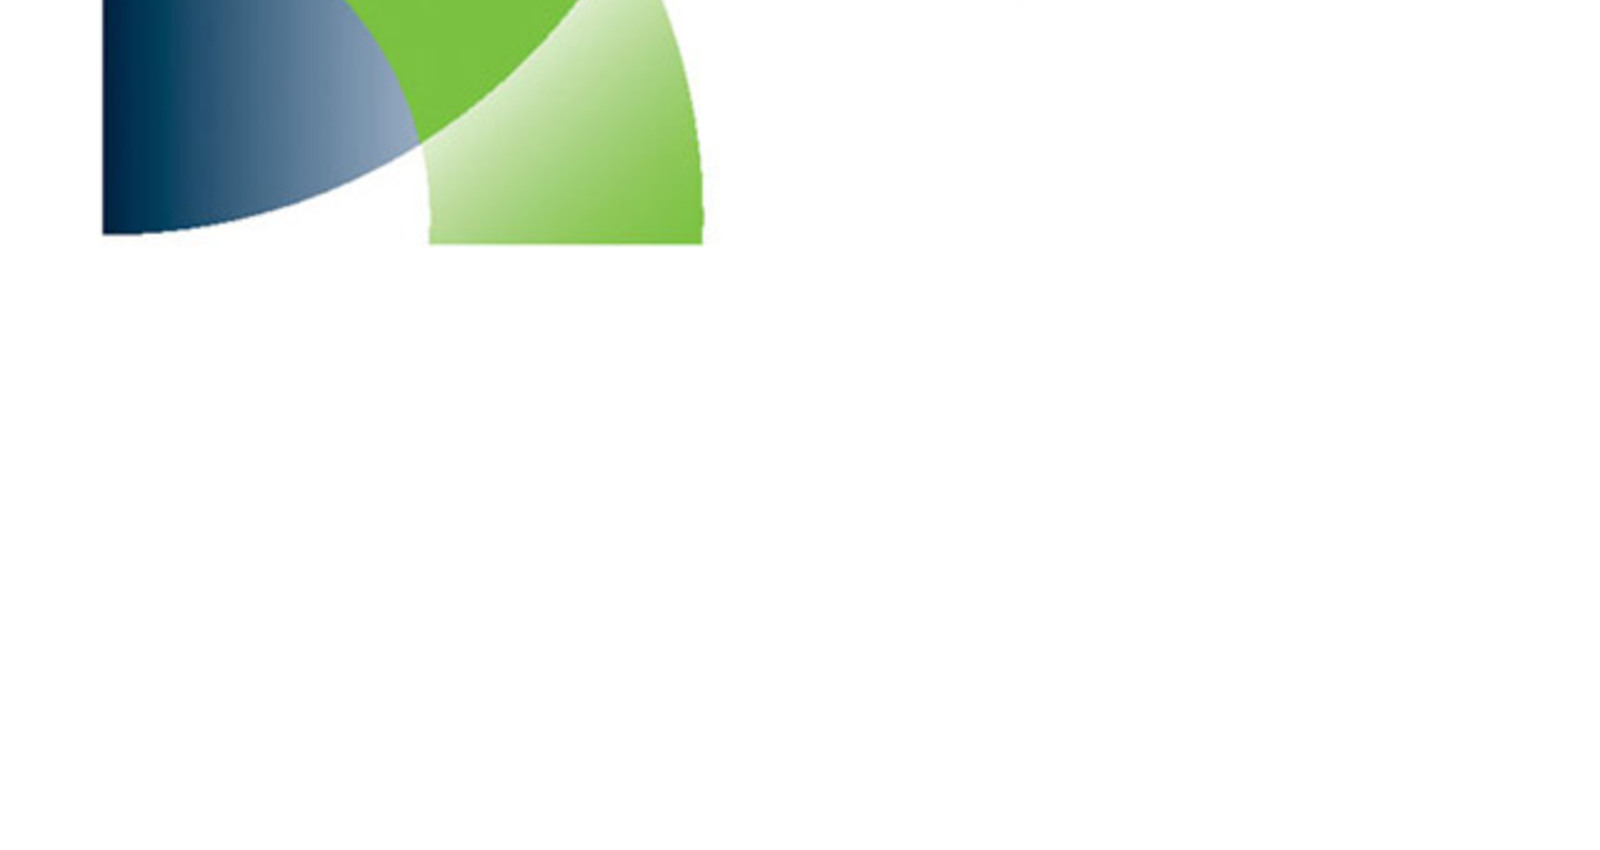 Boriana_hybrid_logo